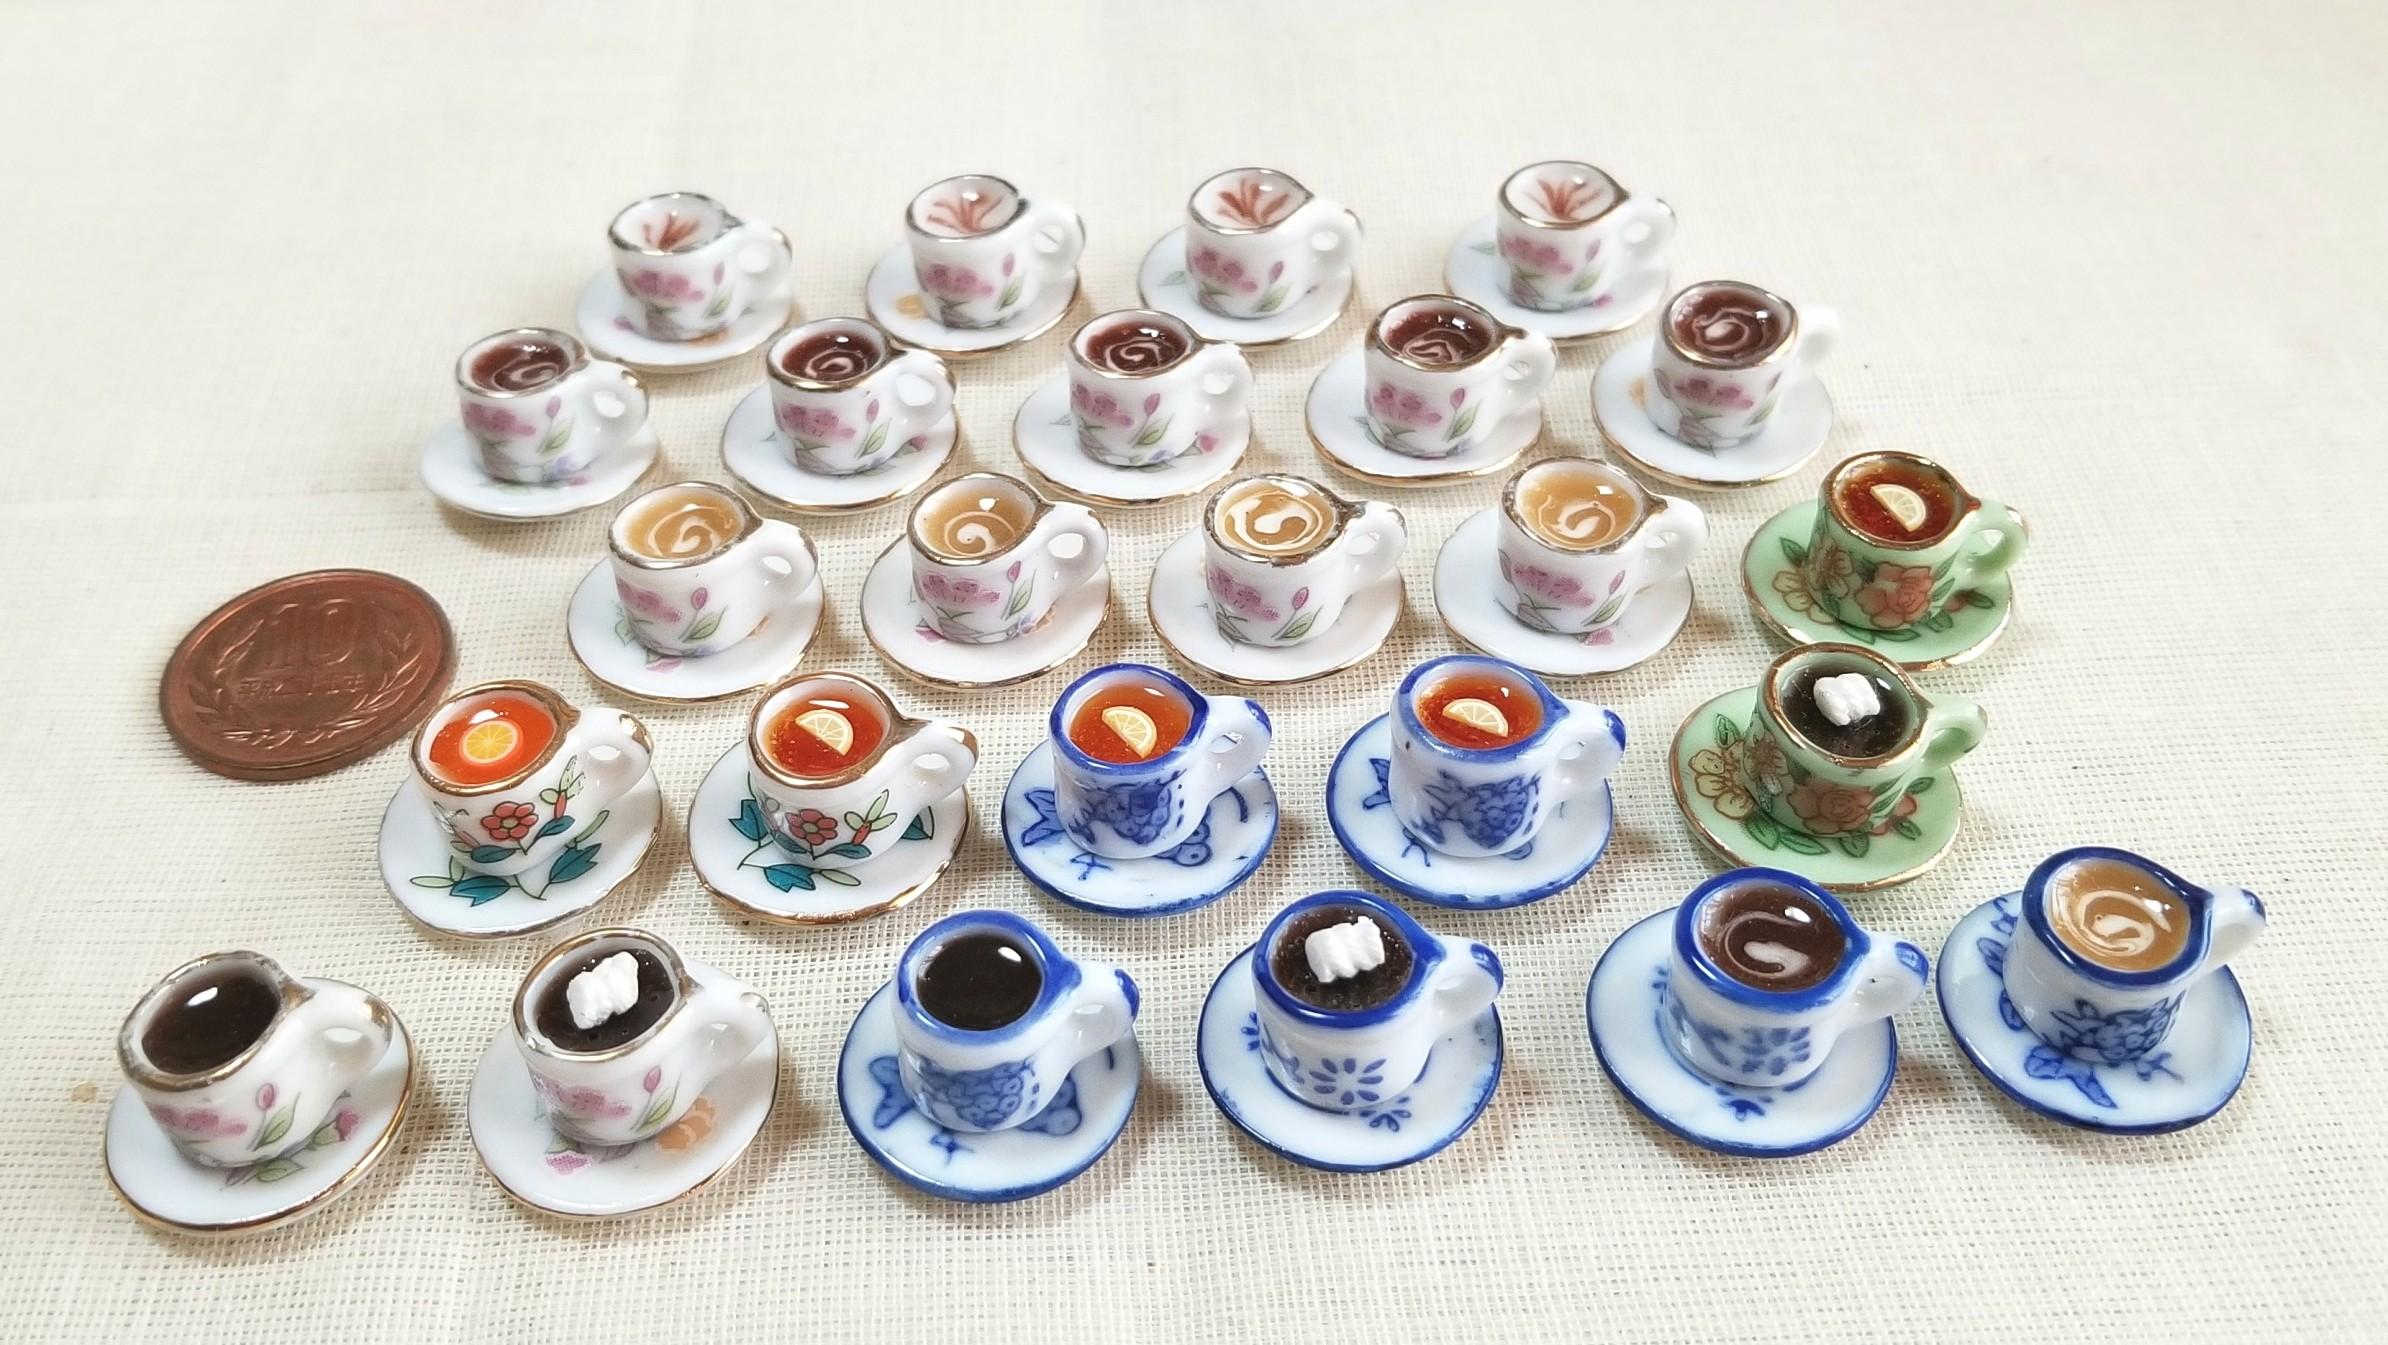 ミニチュアフード,陶器のティーカップ,レジン,ドリンク,ジュース